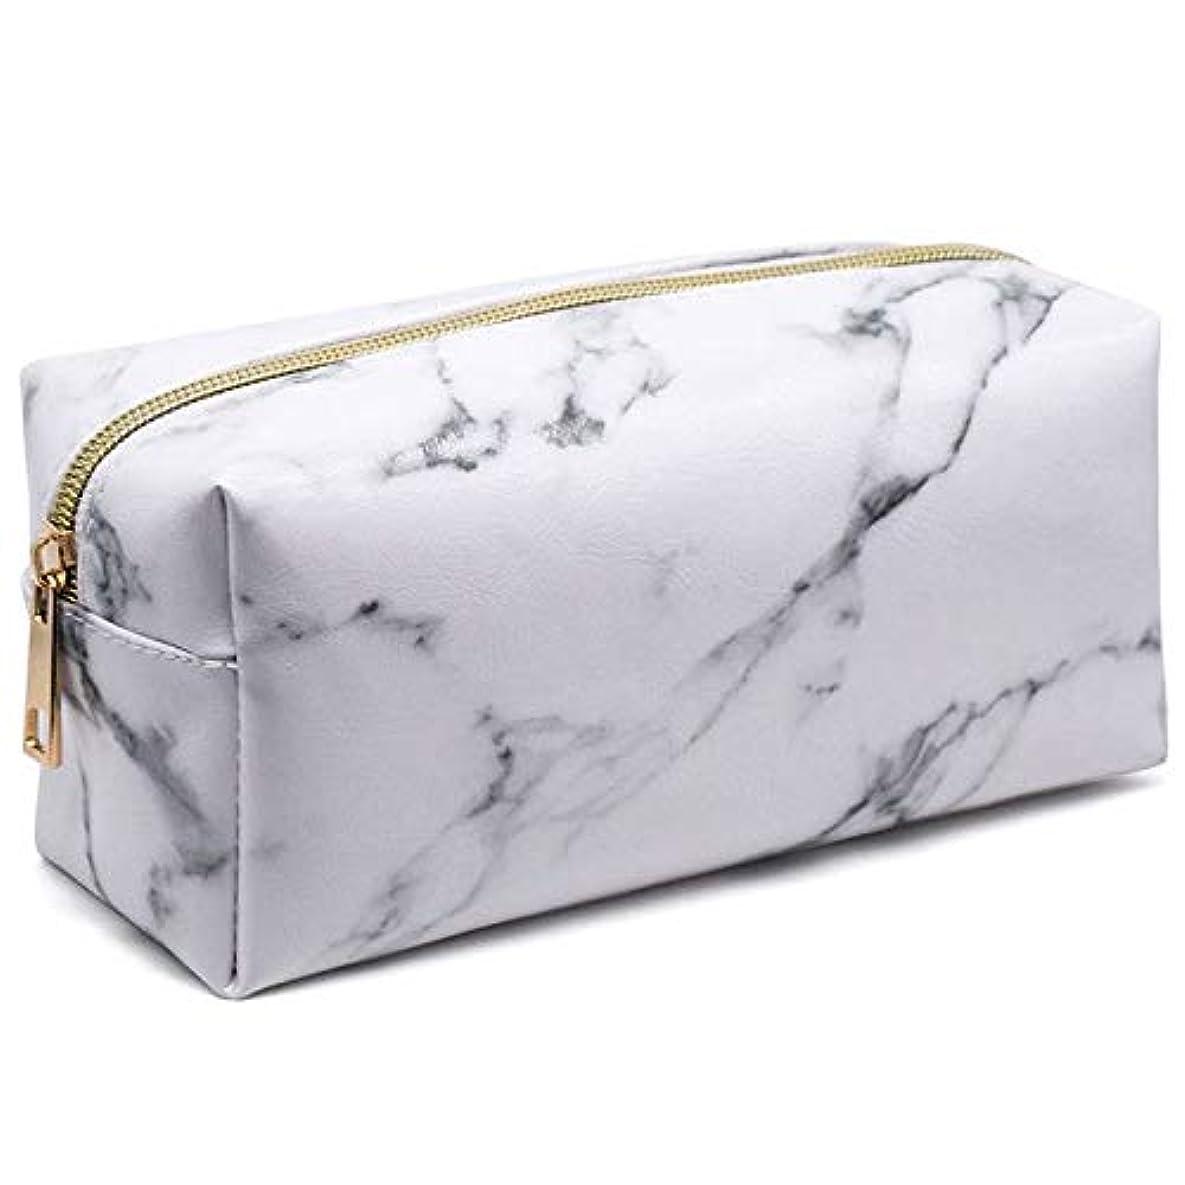 決定する。のどMoligh doll 新しいスタイルのファッション大理石多機能財布ボックス旅行メイク化粧品バッグトイレタリーペンシルケース